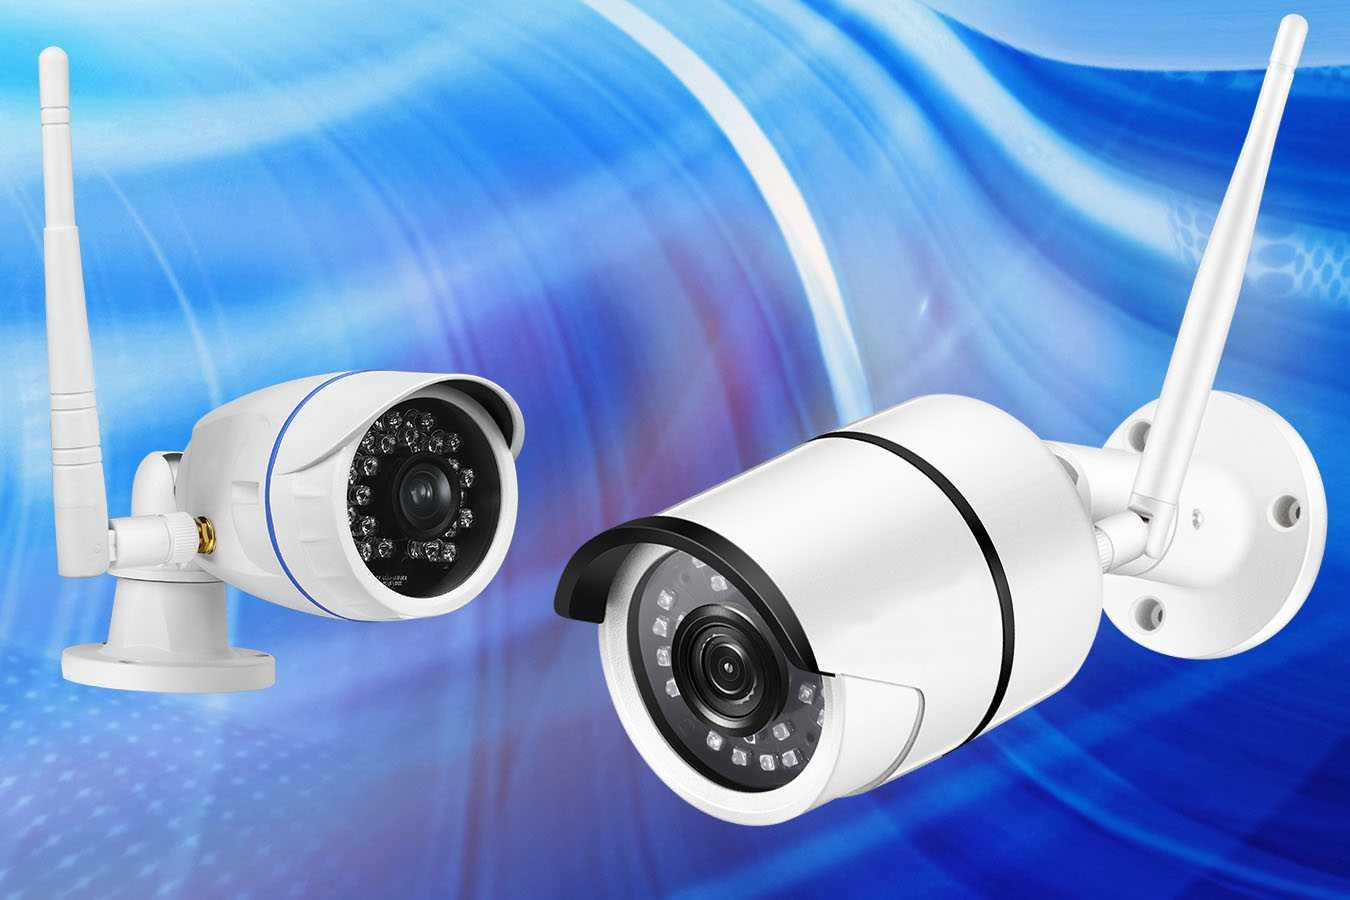 В прошлом году было уделено немало внимание Yi Cloud Dome – камере видеонаблюдения которая получила широкий спрос в Китае Теперь вышла еще более функциональная модель